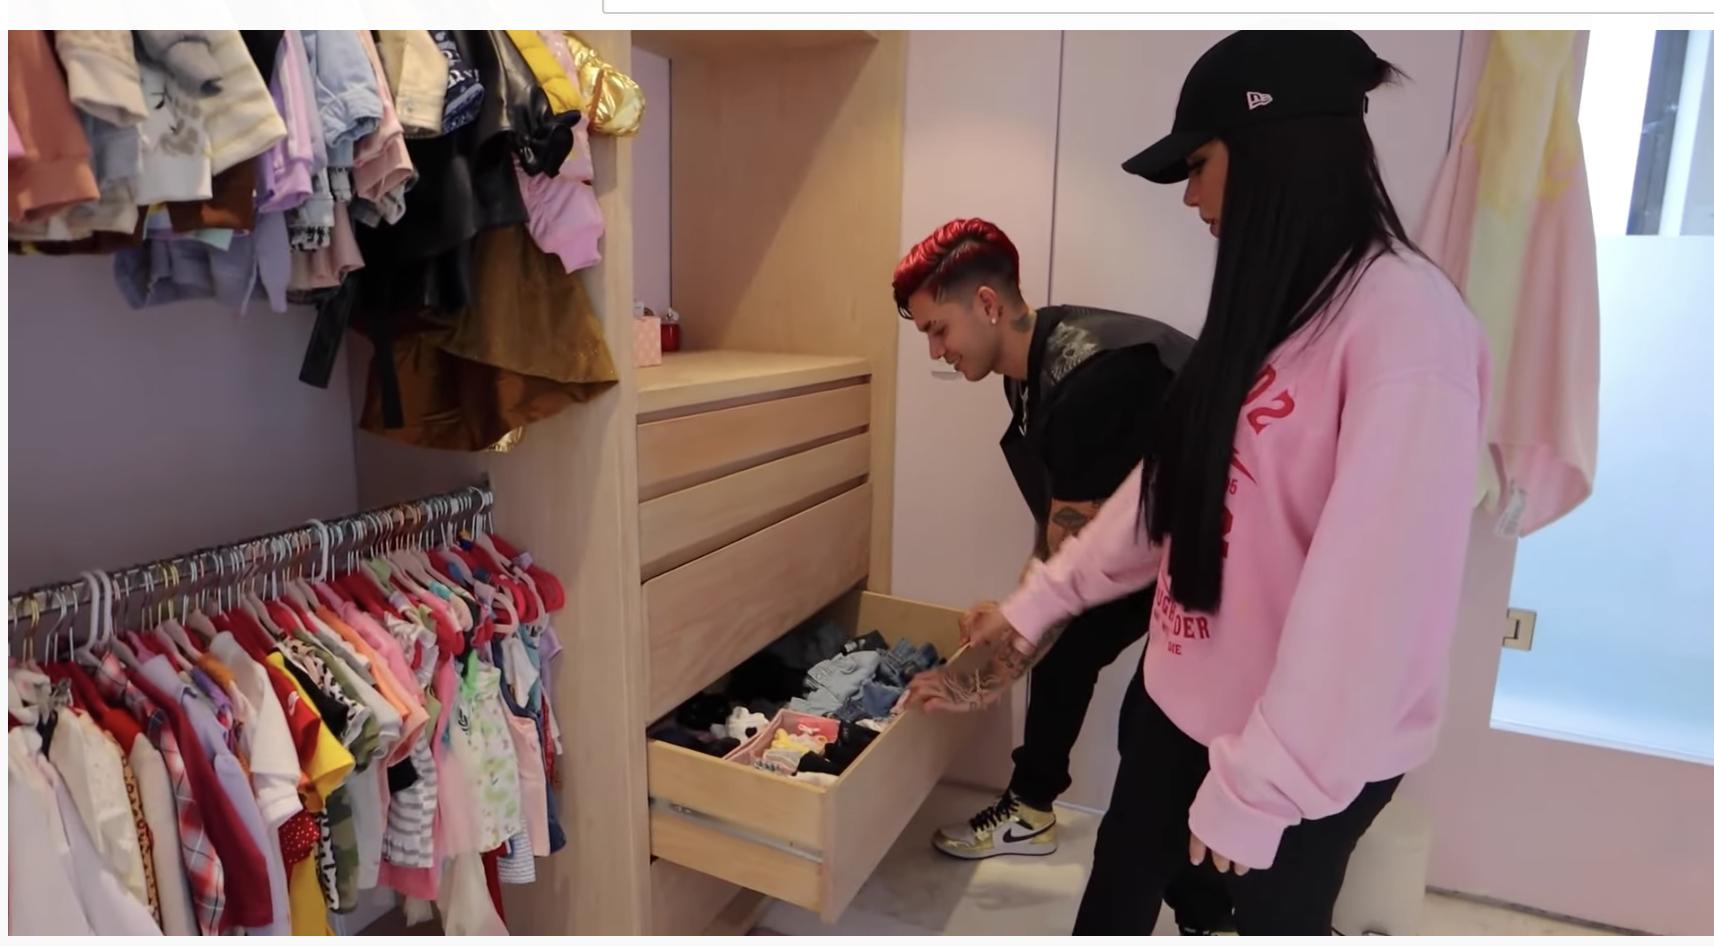 En el cuarto de sus hijitos Kima y Juanito las cosas no son distintas, ¡miren en armario súper ordenando de la pequeñita con cajotes para cada tipo de ropa muy bien organizado!